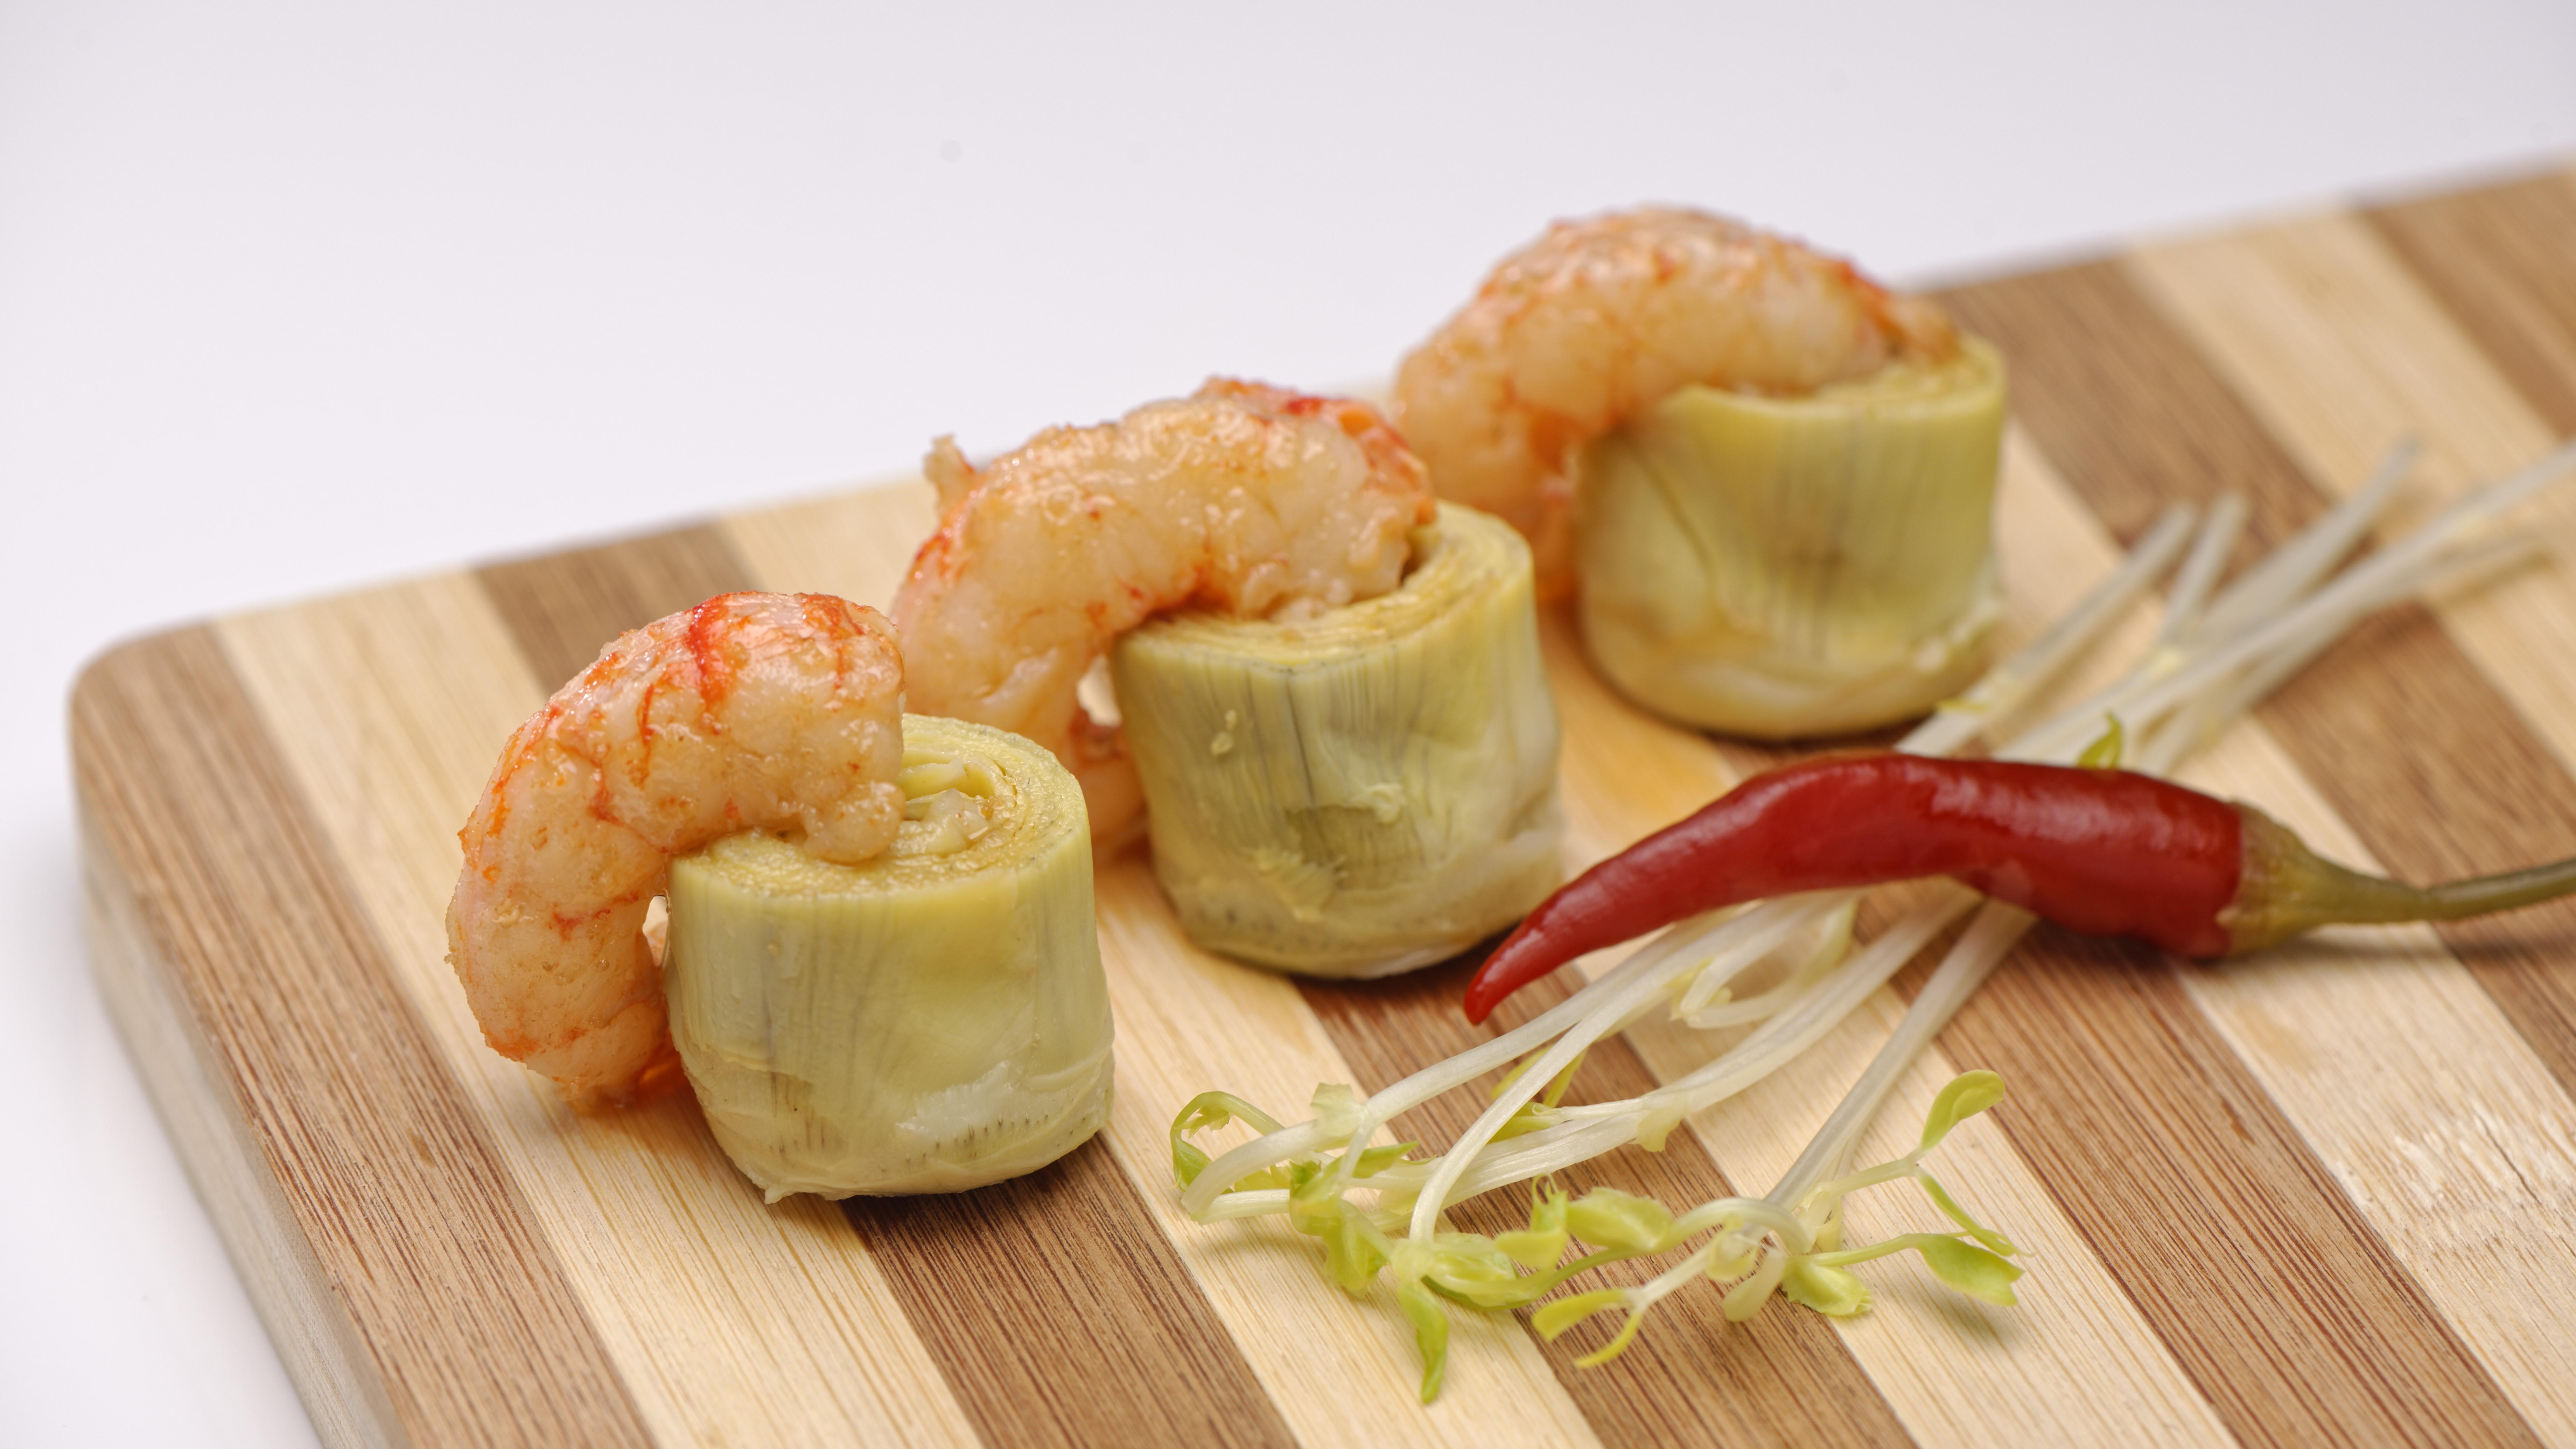 Comer alcachofas de Caprichos del Paladar ayuda a regular nuestro organismo en primavera | Luxury Spain